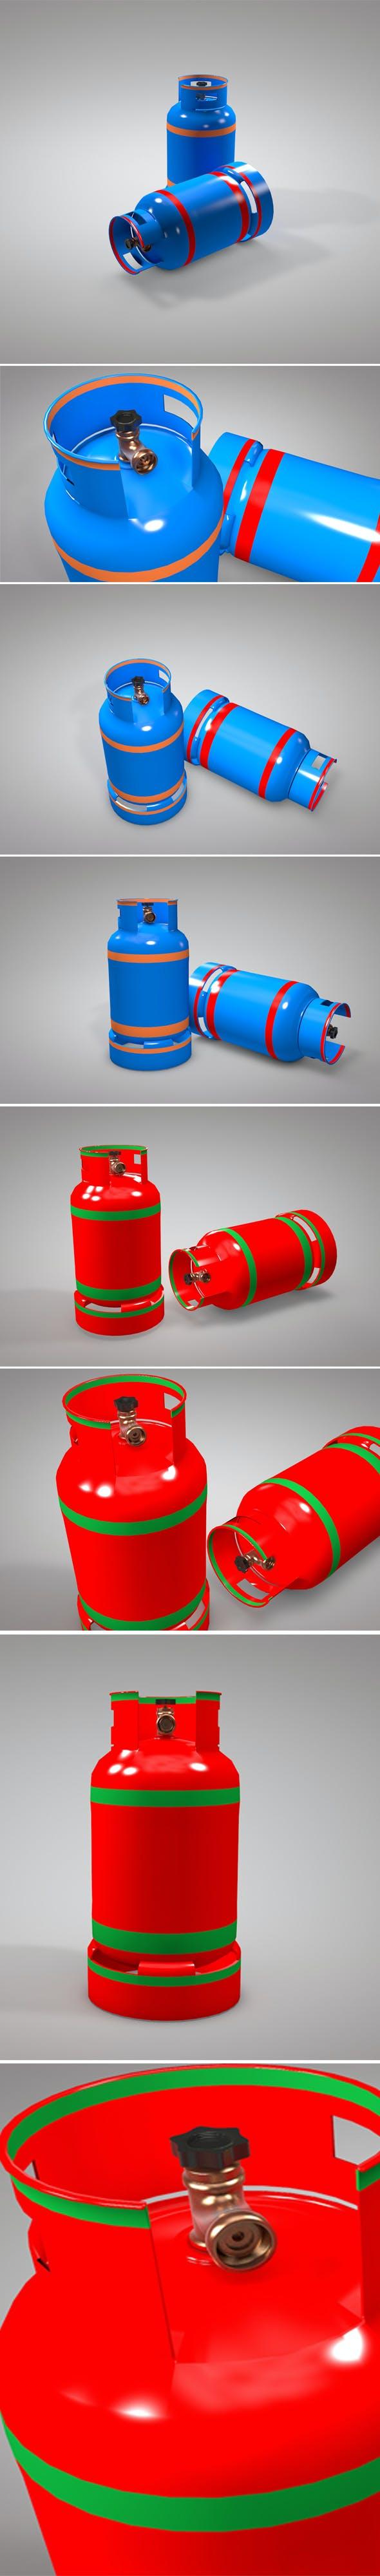 Gas Cylinder 3d Model - 3DOcean Item for Sale